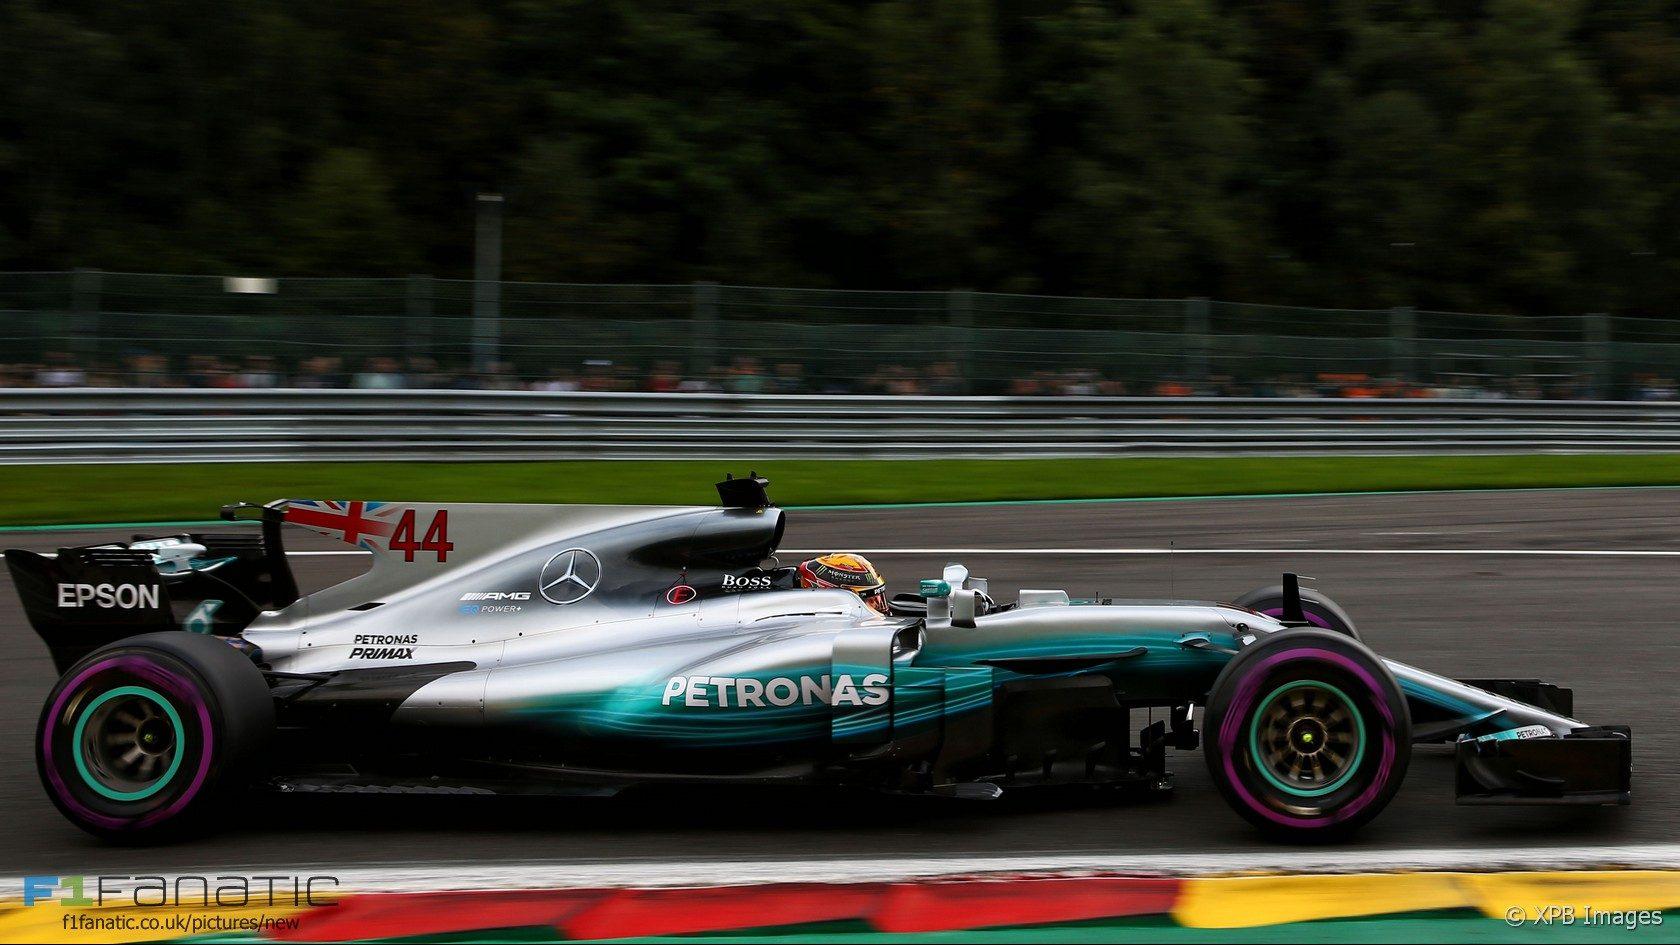 Image result for 2017 Mercedes F1 car 44